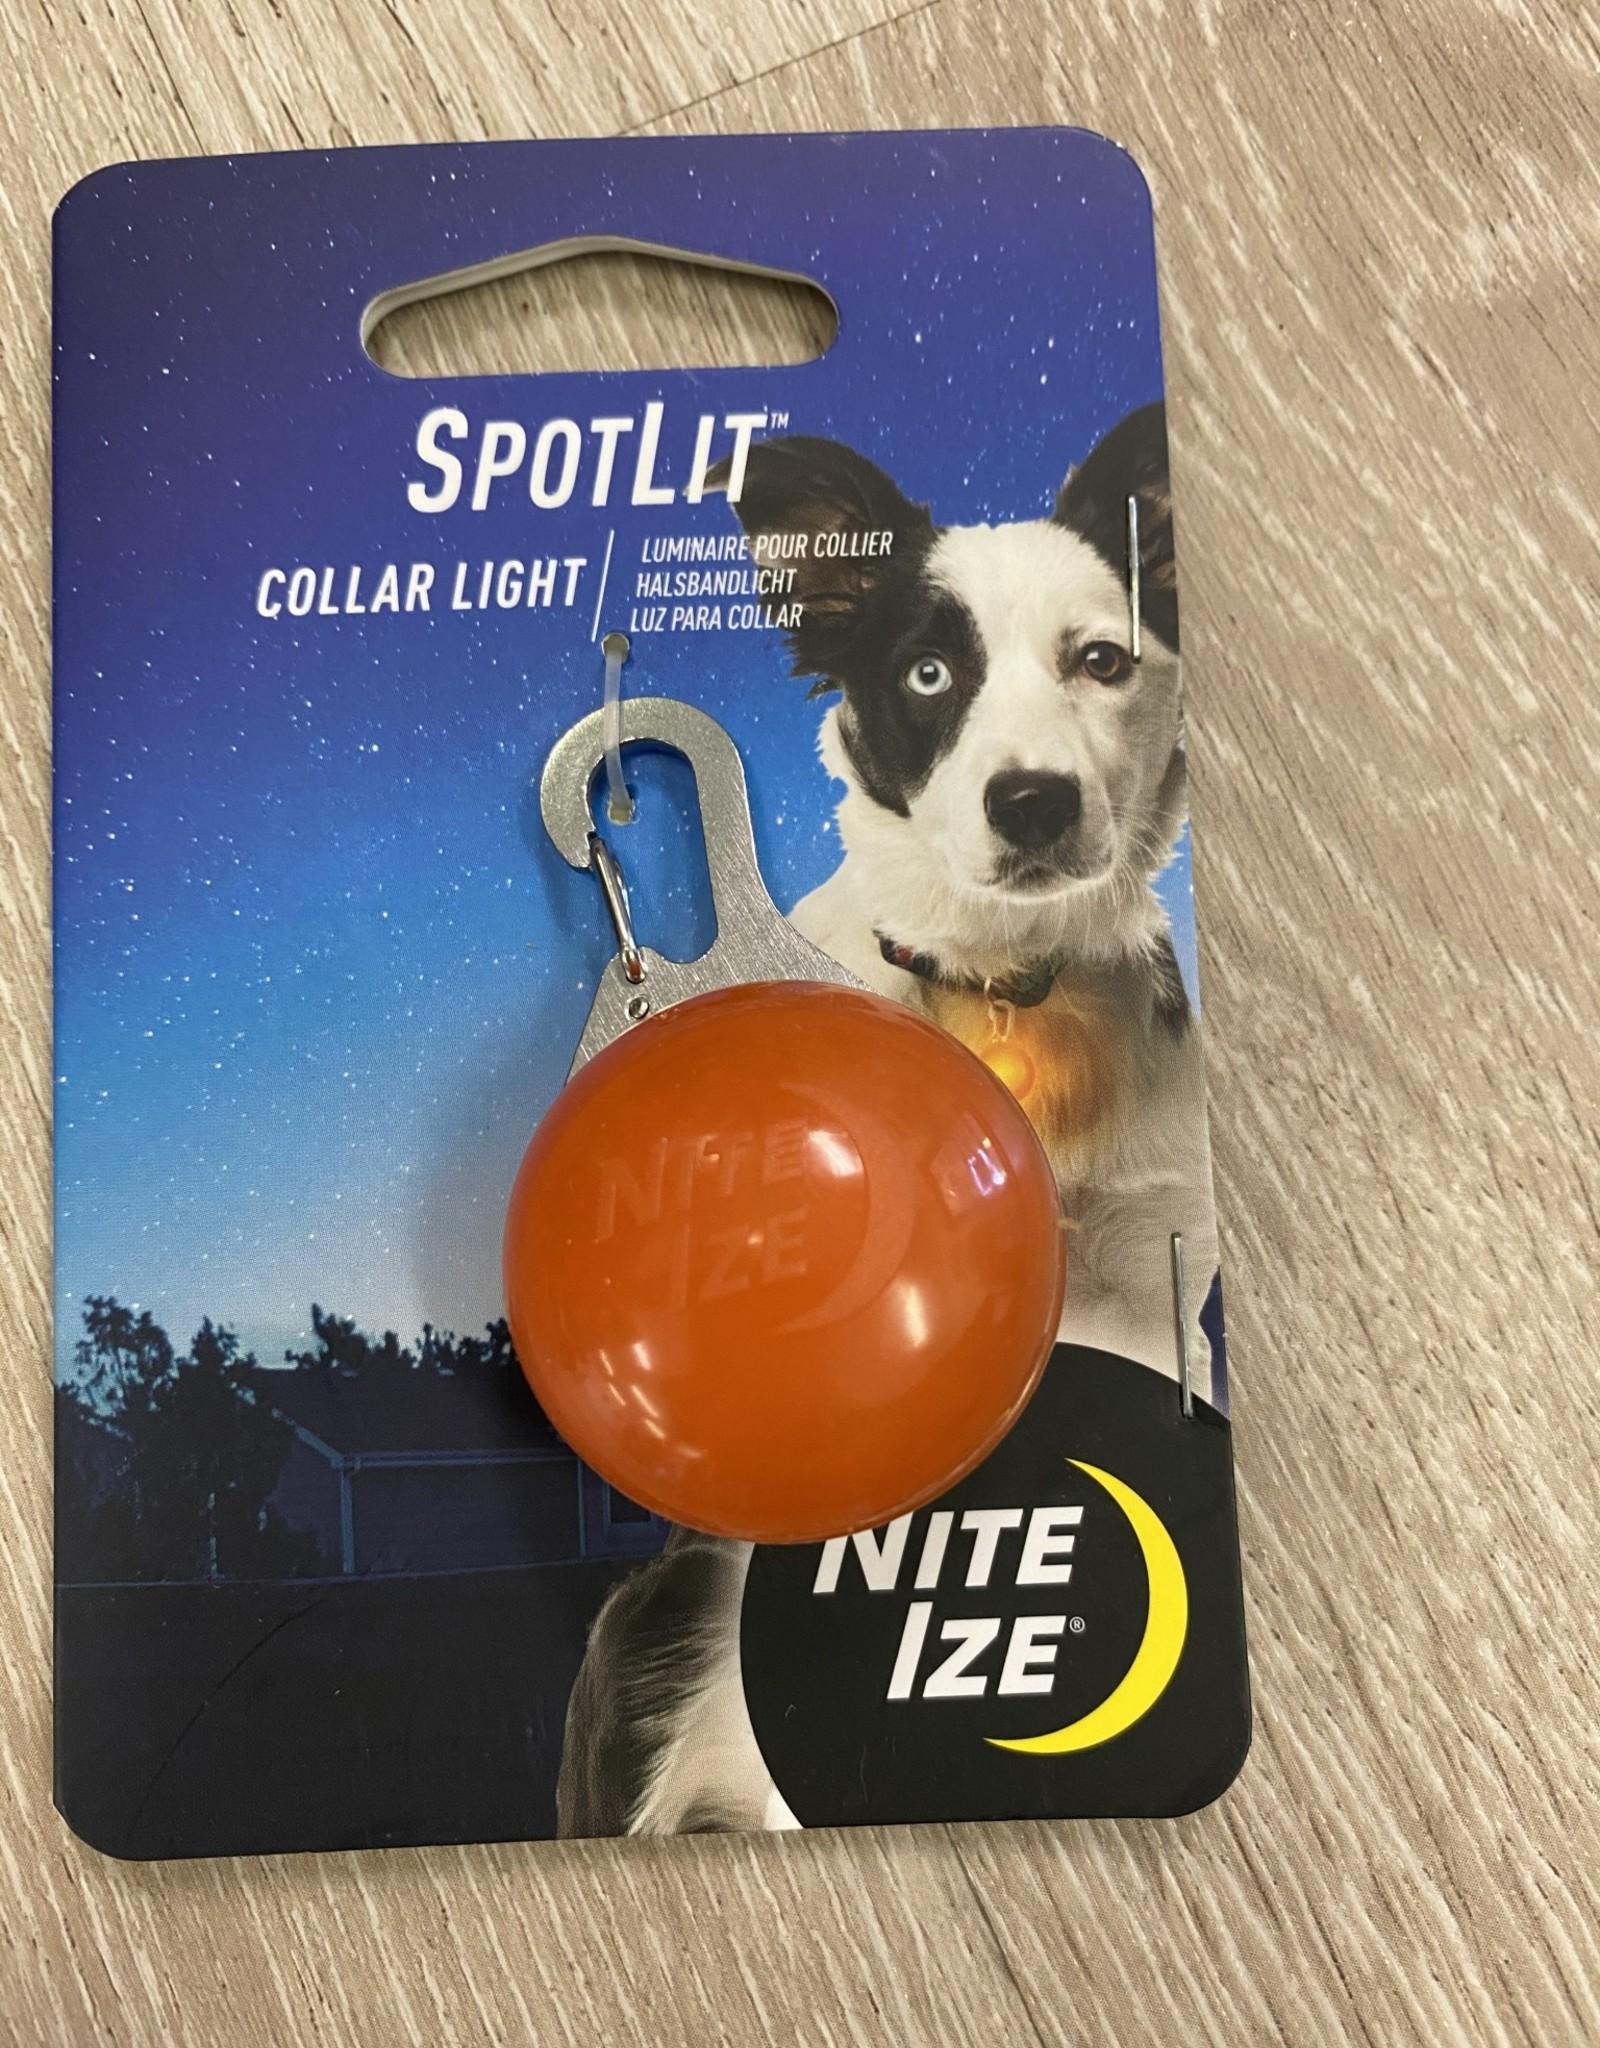 NiteIze NiteIze SpotLit LED Collar Light- Orange Plastic